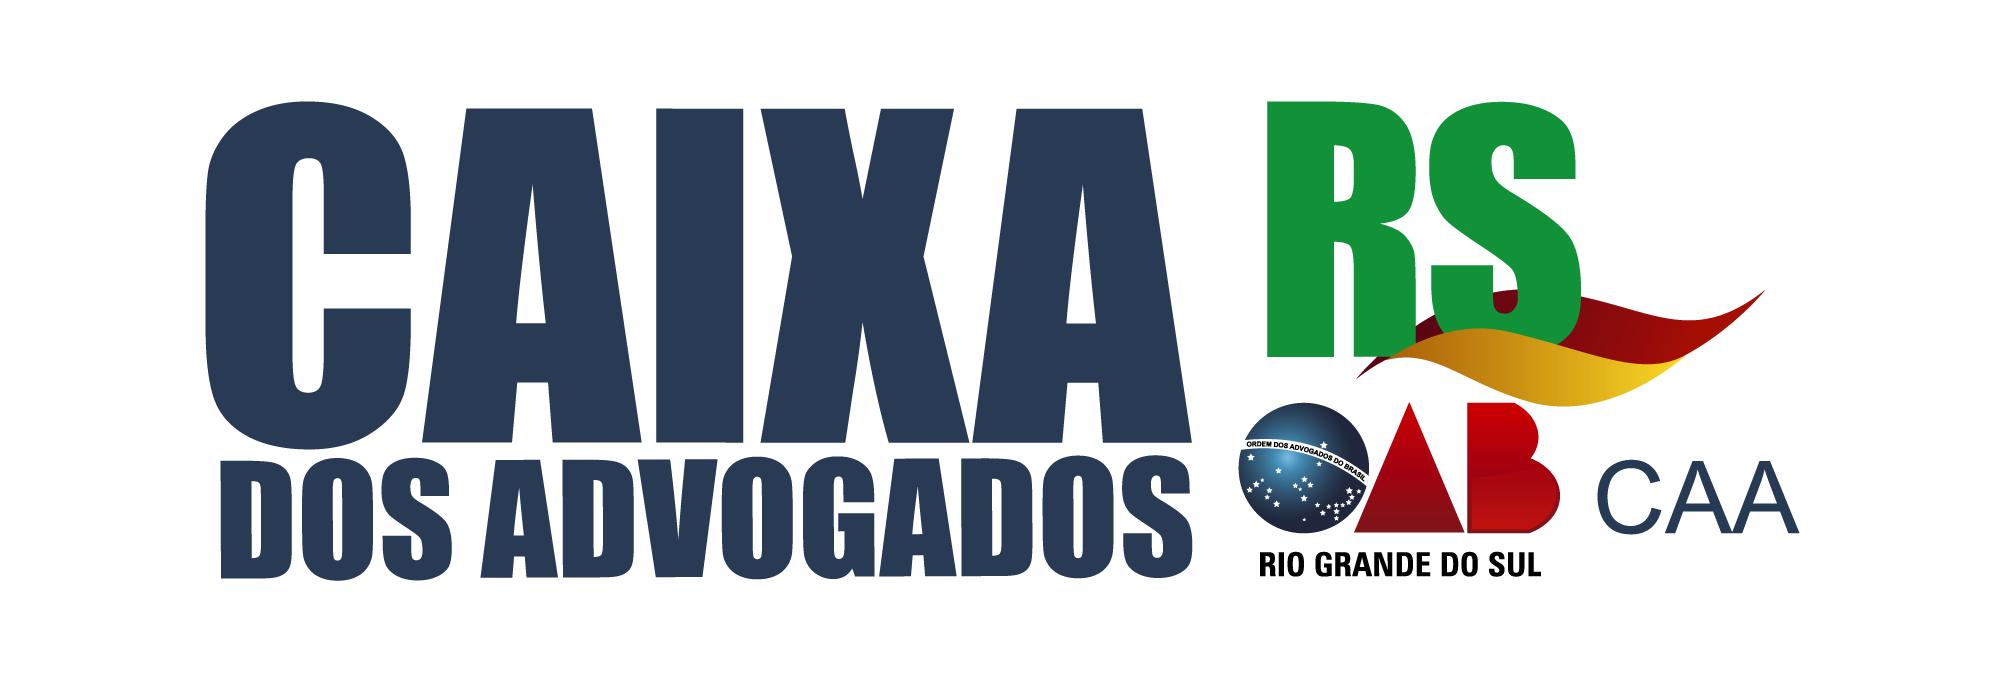 Apto. em Gramado próximo ao Lago Joaquina Rita Bier - CAA Caixa de Assistência dos Advogados - OAB